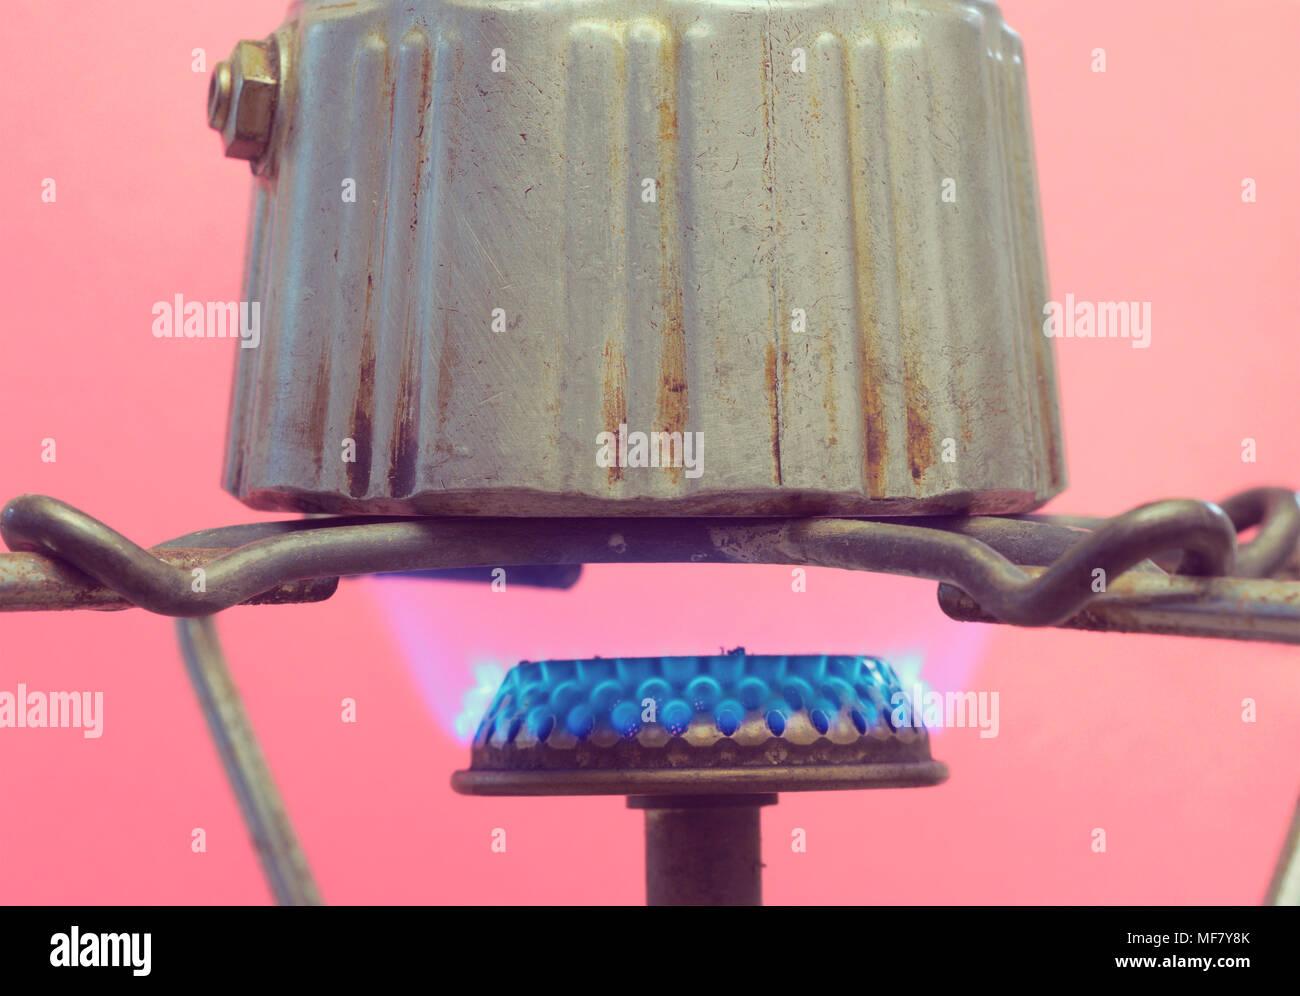 Moka pot on gas stove - Stock Image